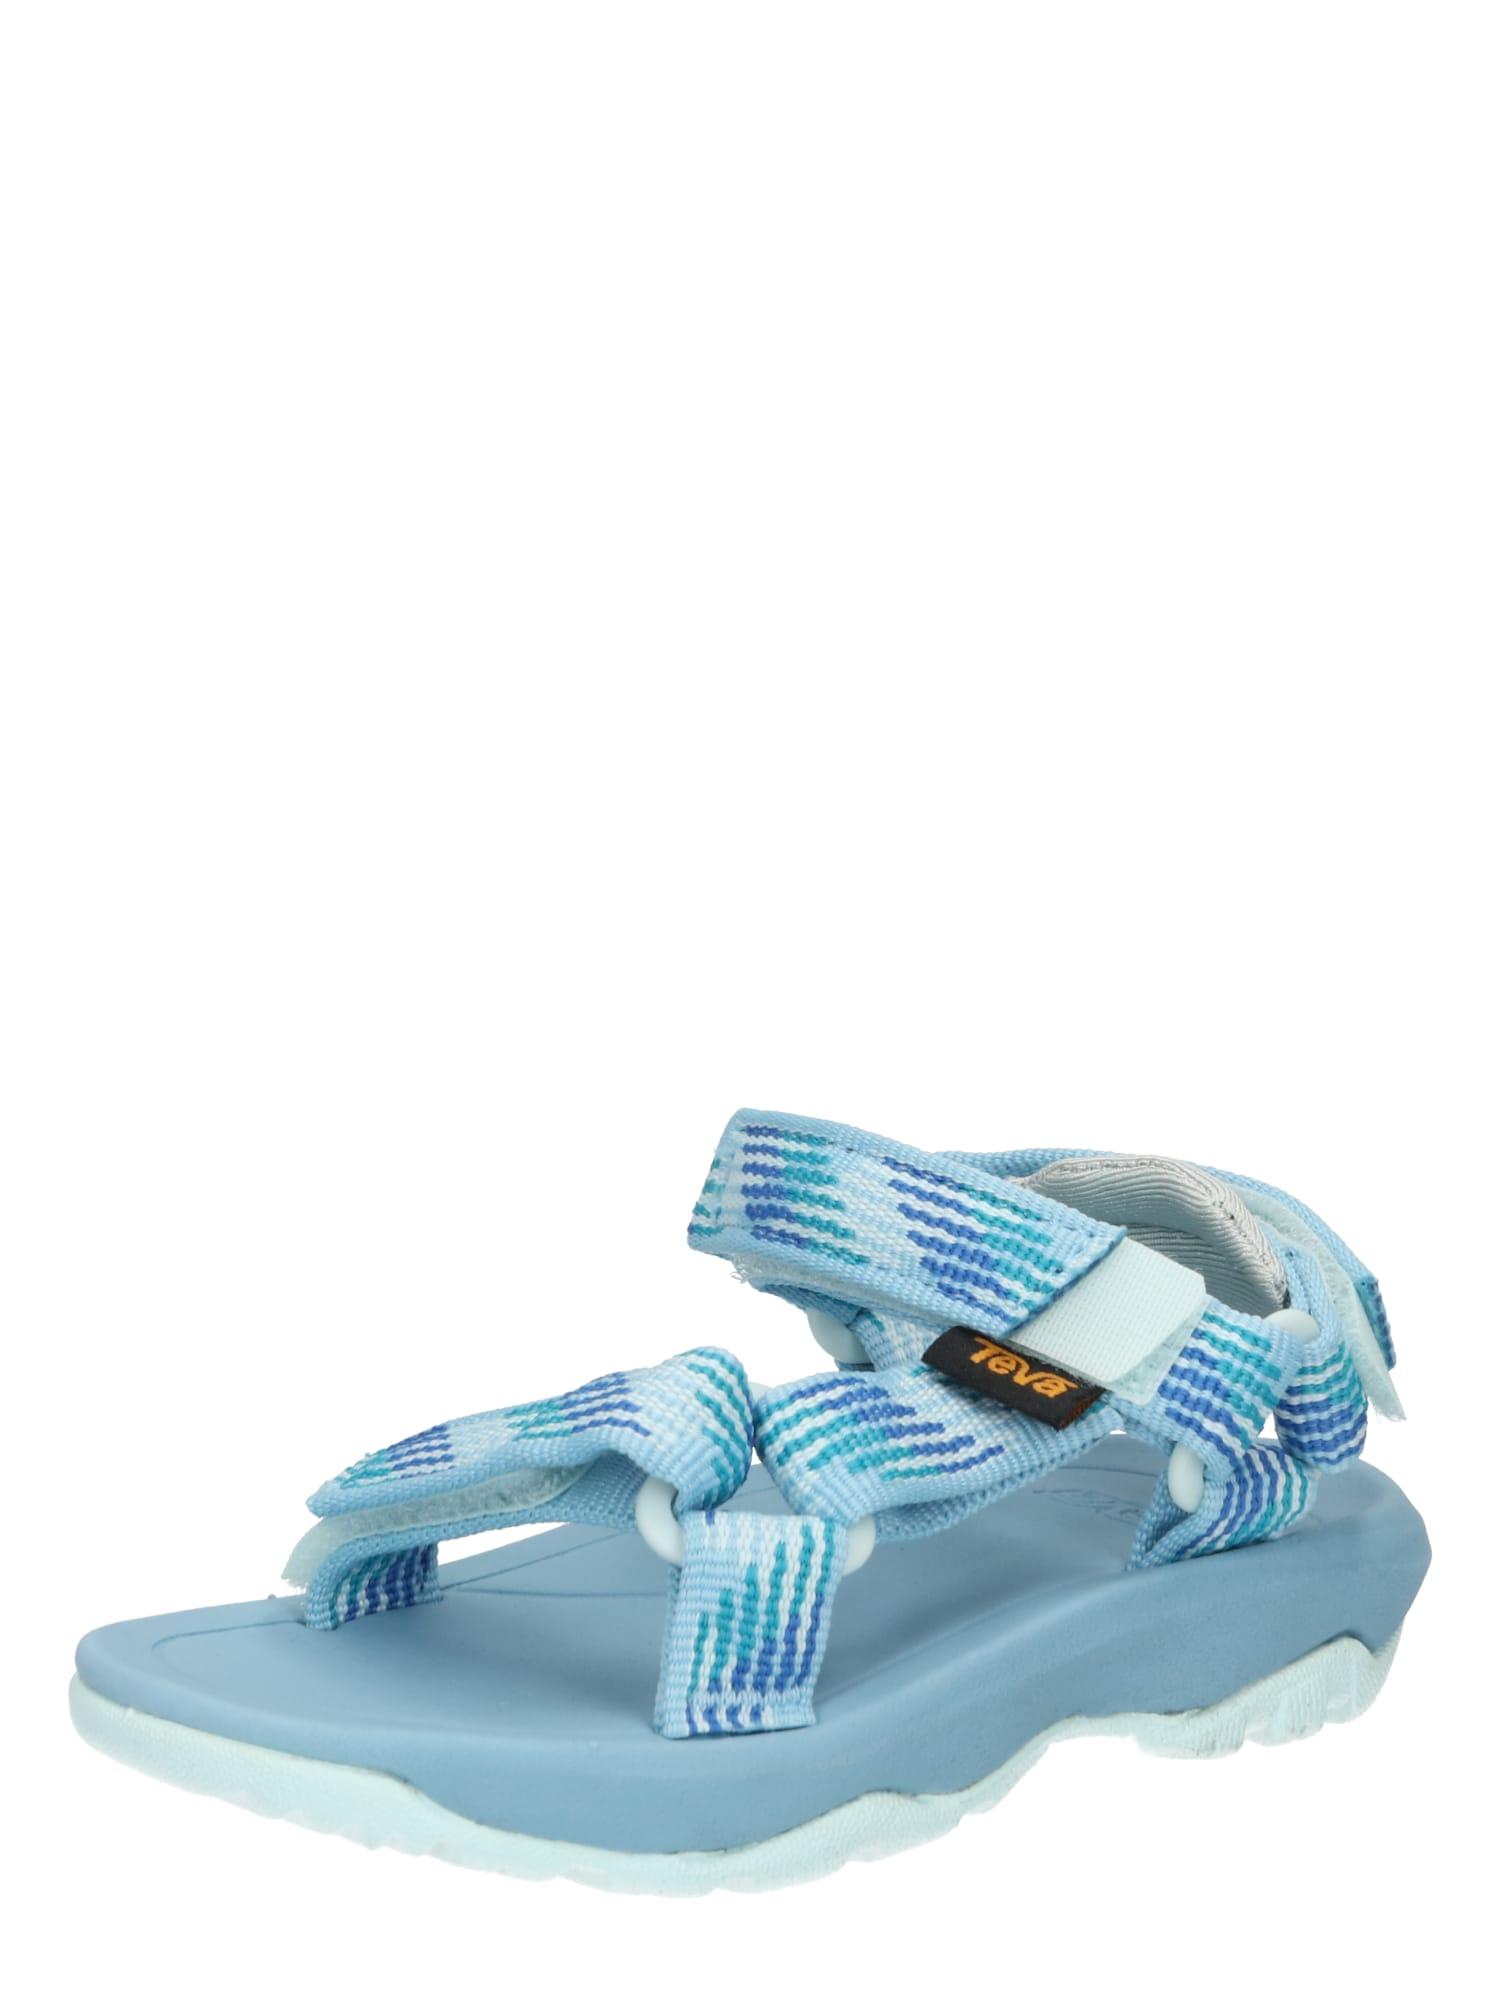 TEVA Atviri batai šviesiai mėlyna / vandens spalva / tamsiai mėlyna